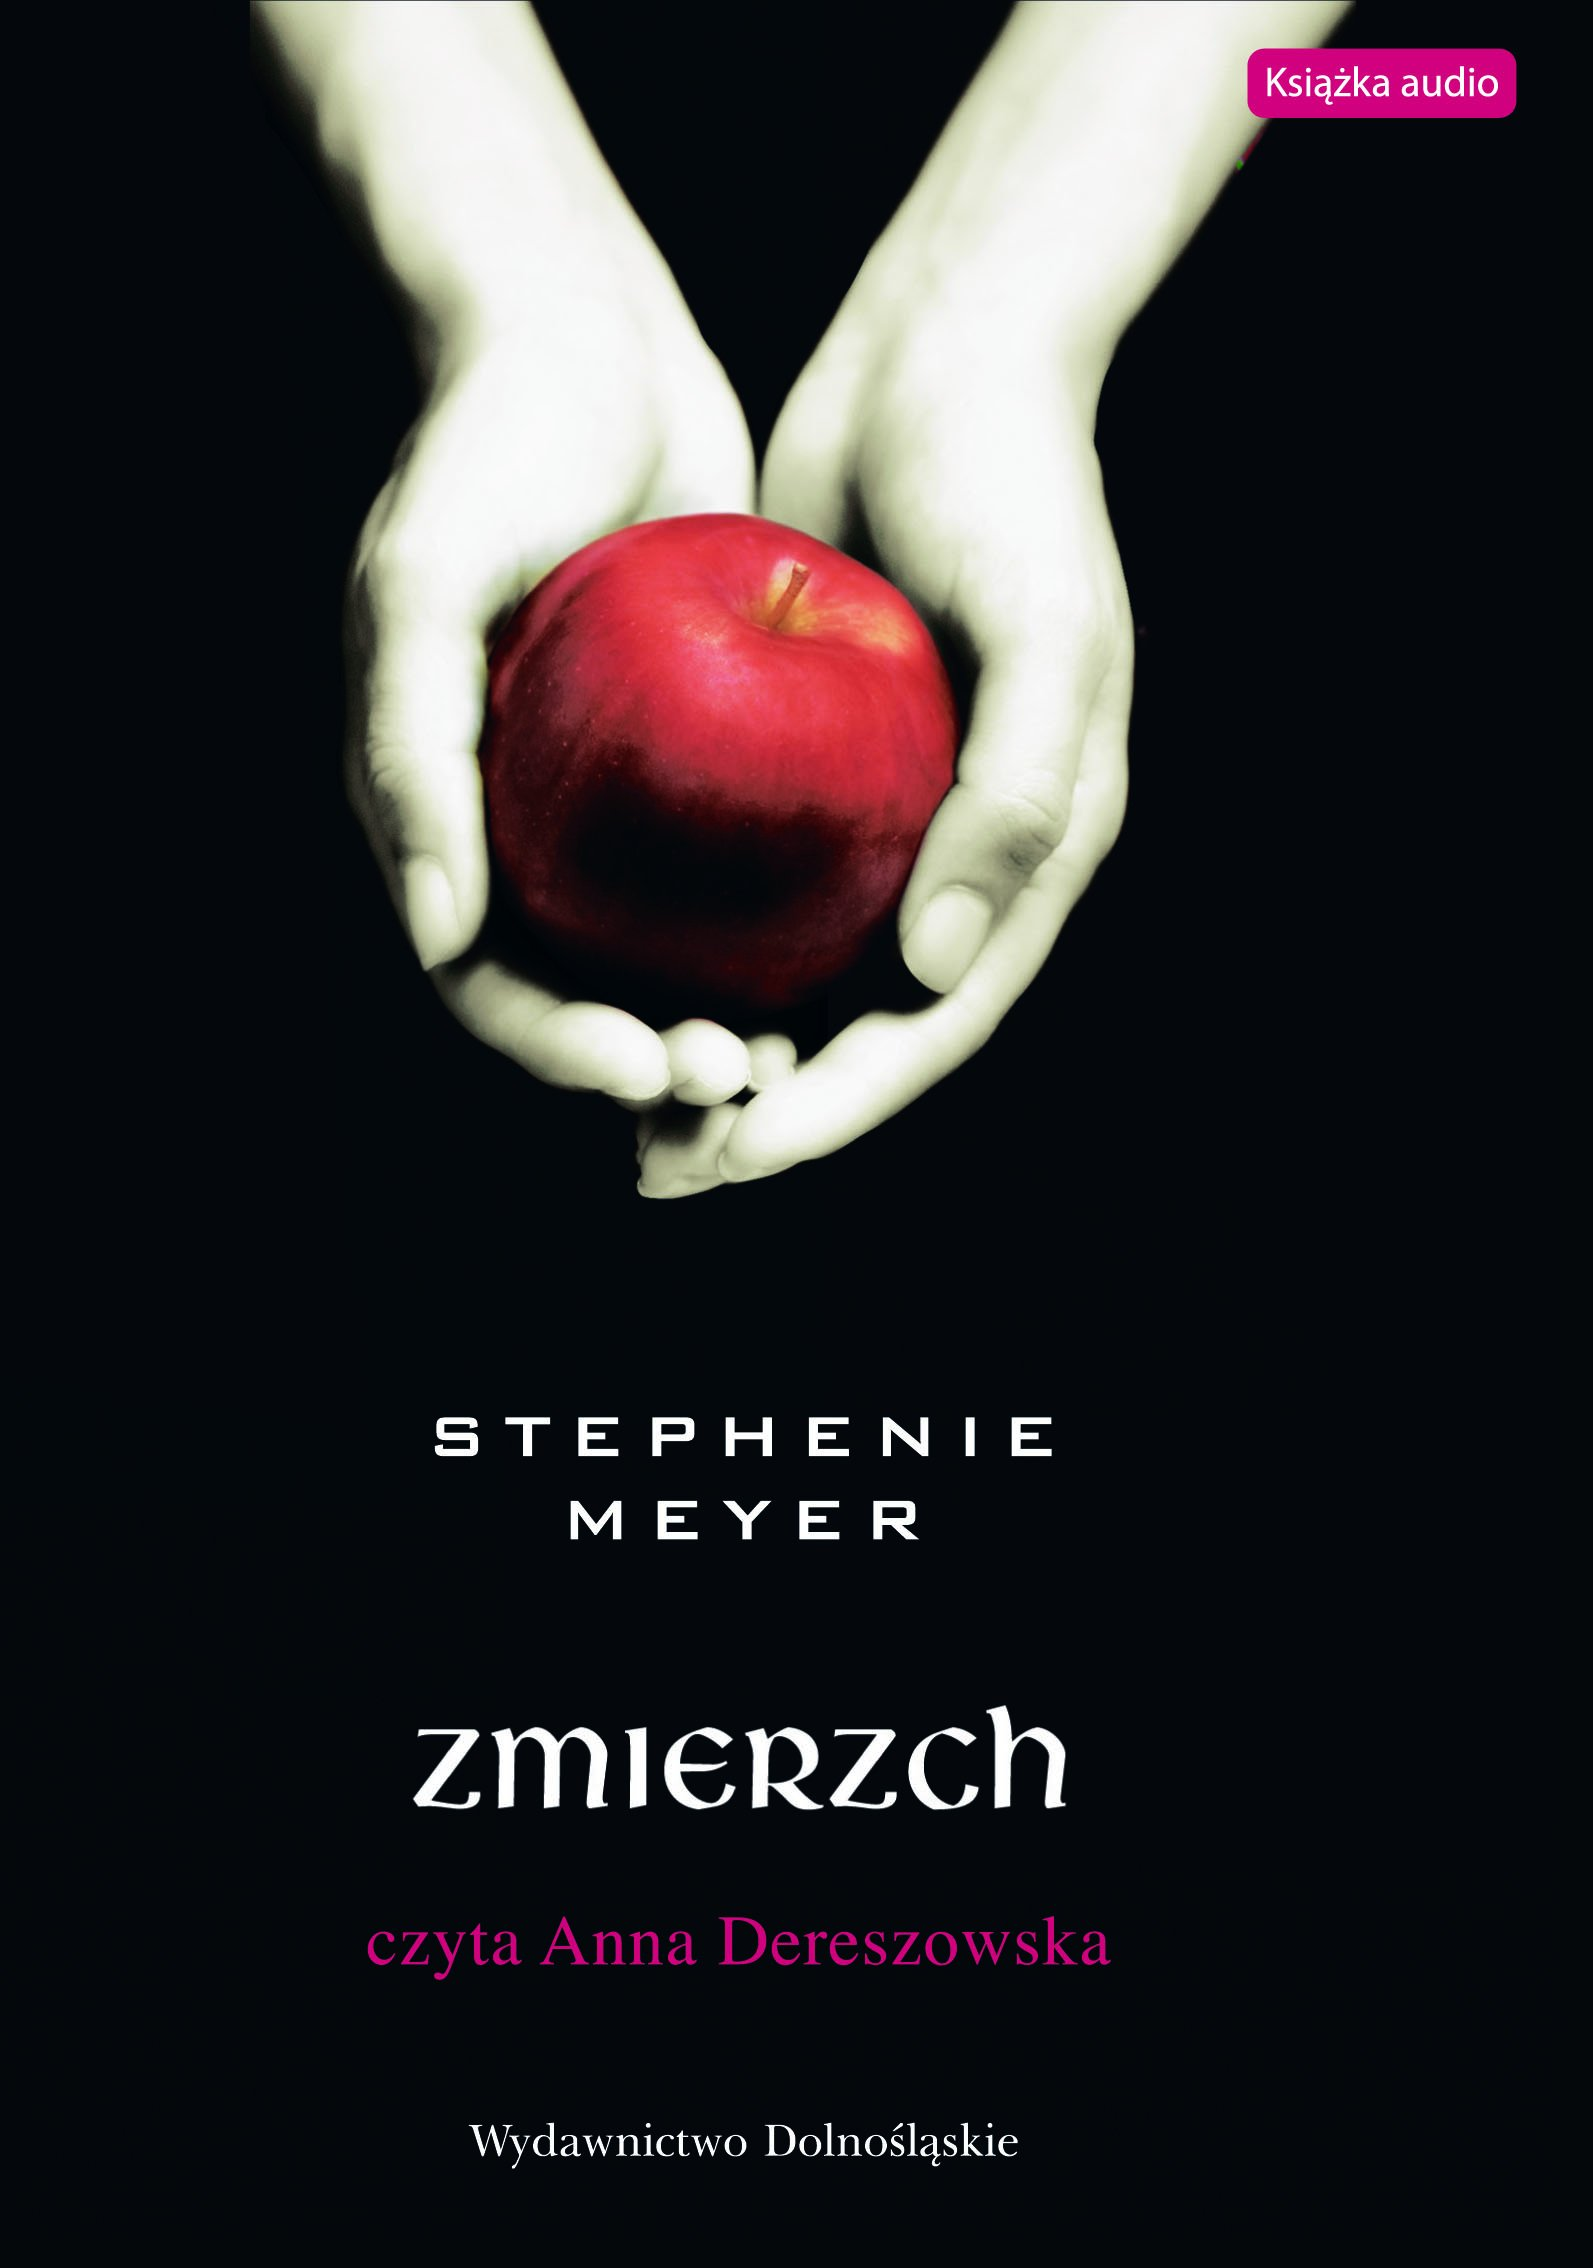 Zmierzch - audiobook – Stephenie Meyer, Wydawnictwo Dolnośląskie, powieści, audio, mp3, książki audio, opowiesc, romans, obyczajowe, kryminał i sensacja, saga, epartnerzy.com